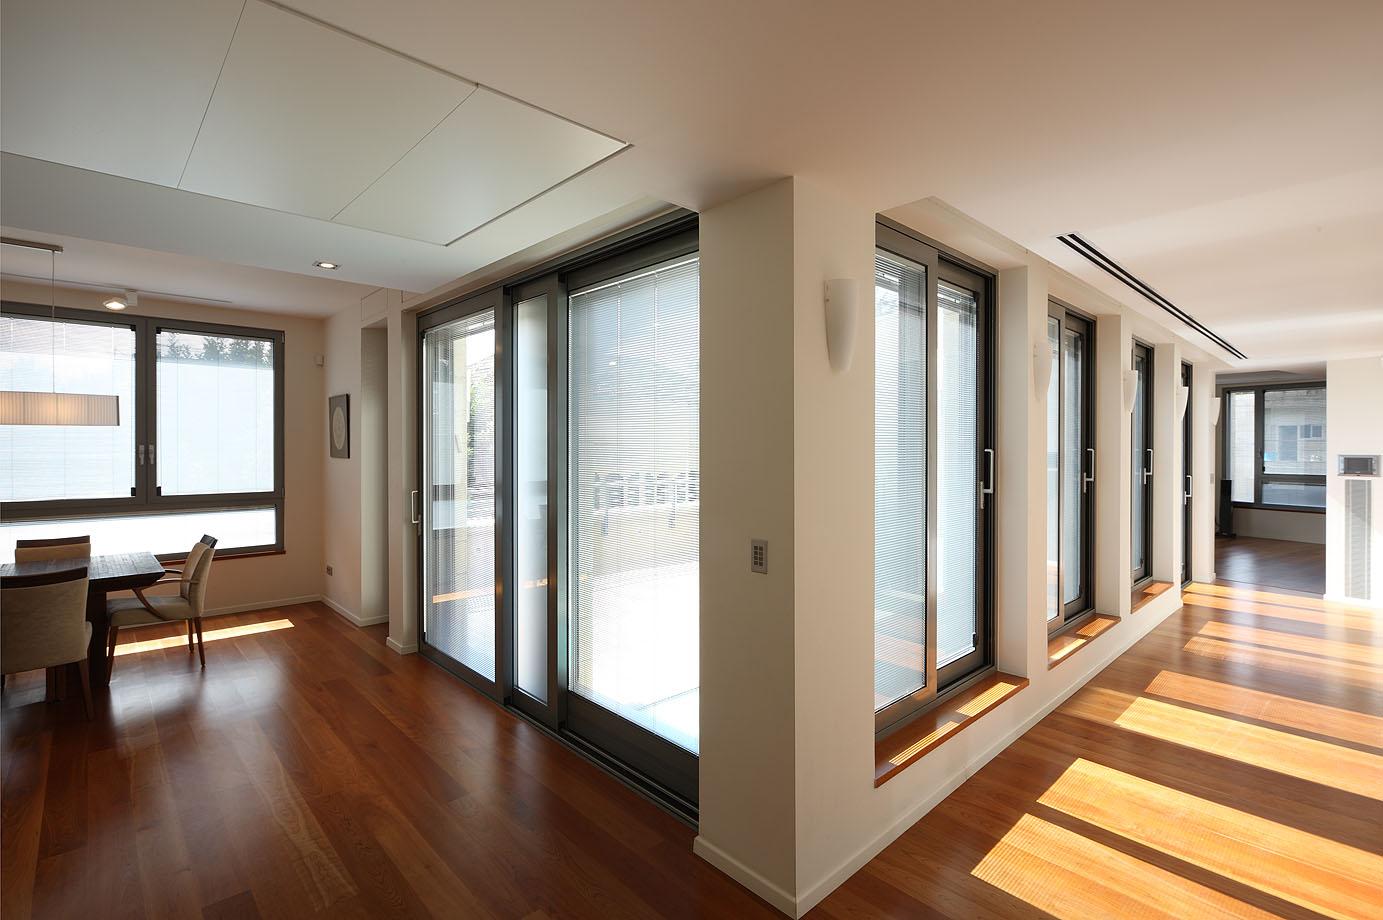 חלונות מעוצבים - דגם שוקו